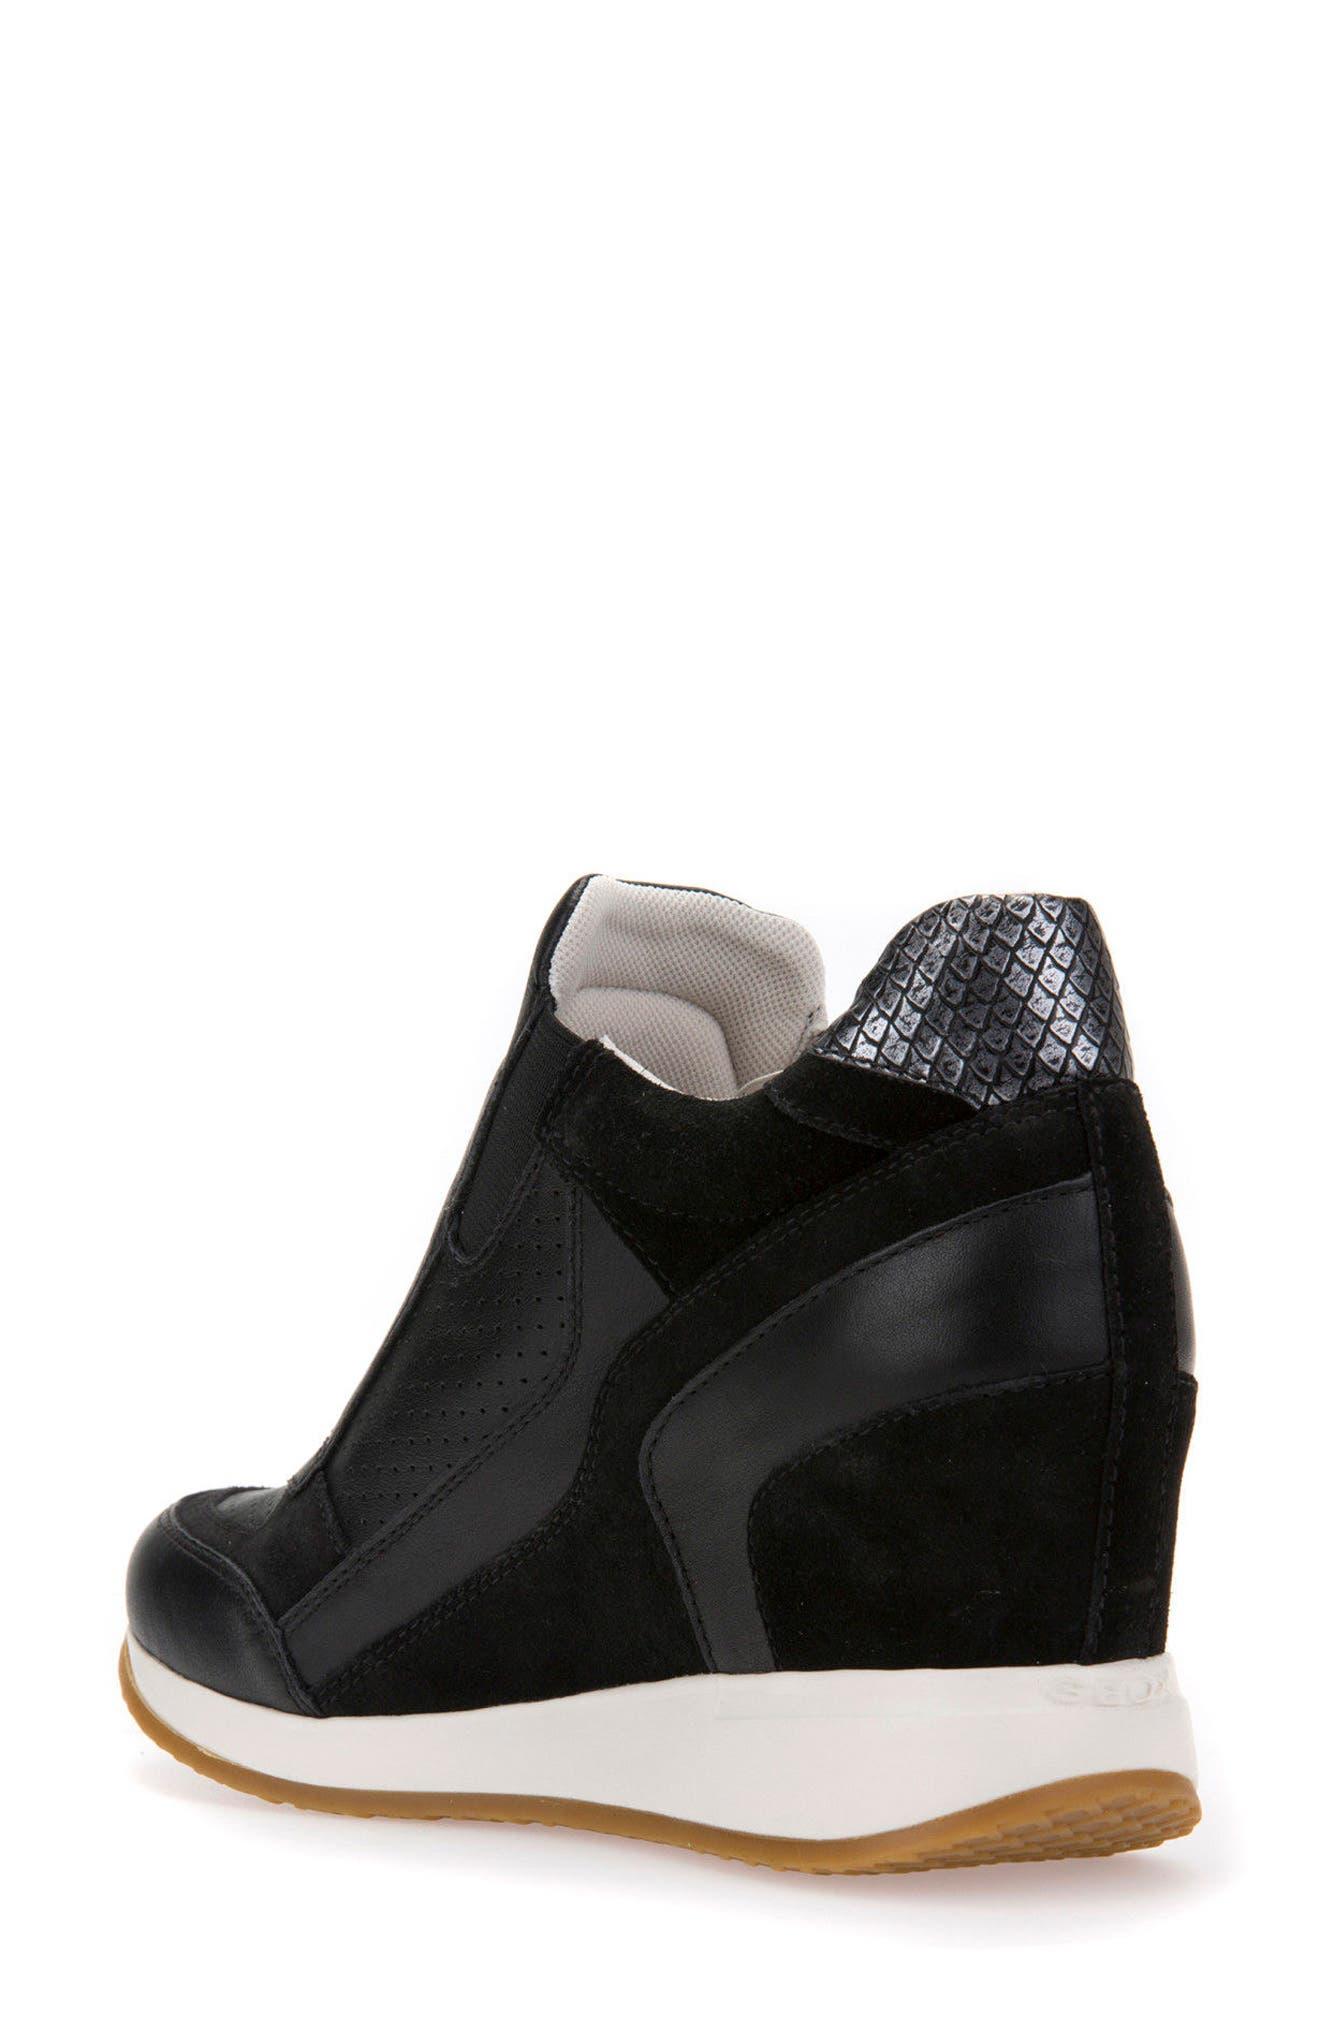 Alternate Image 2  - Geox Nydame Wedge Sneaker (Women)